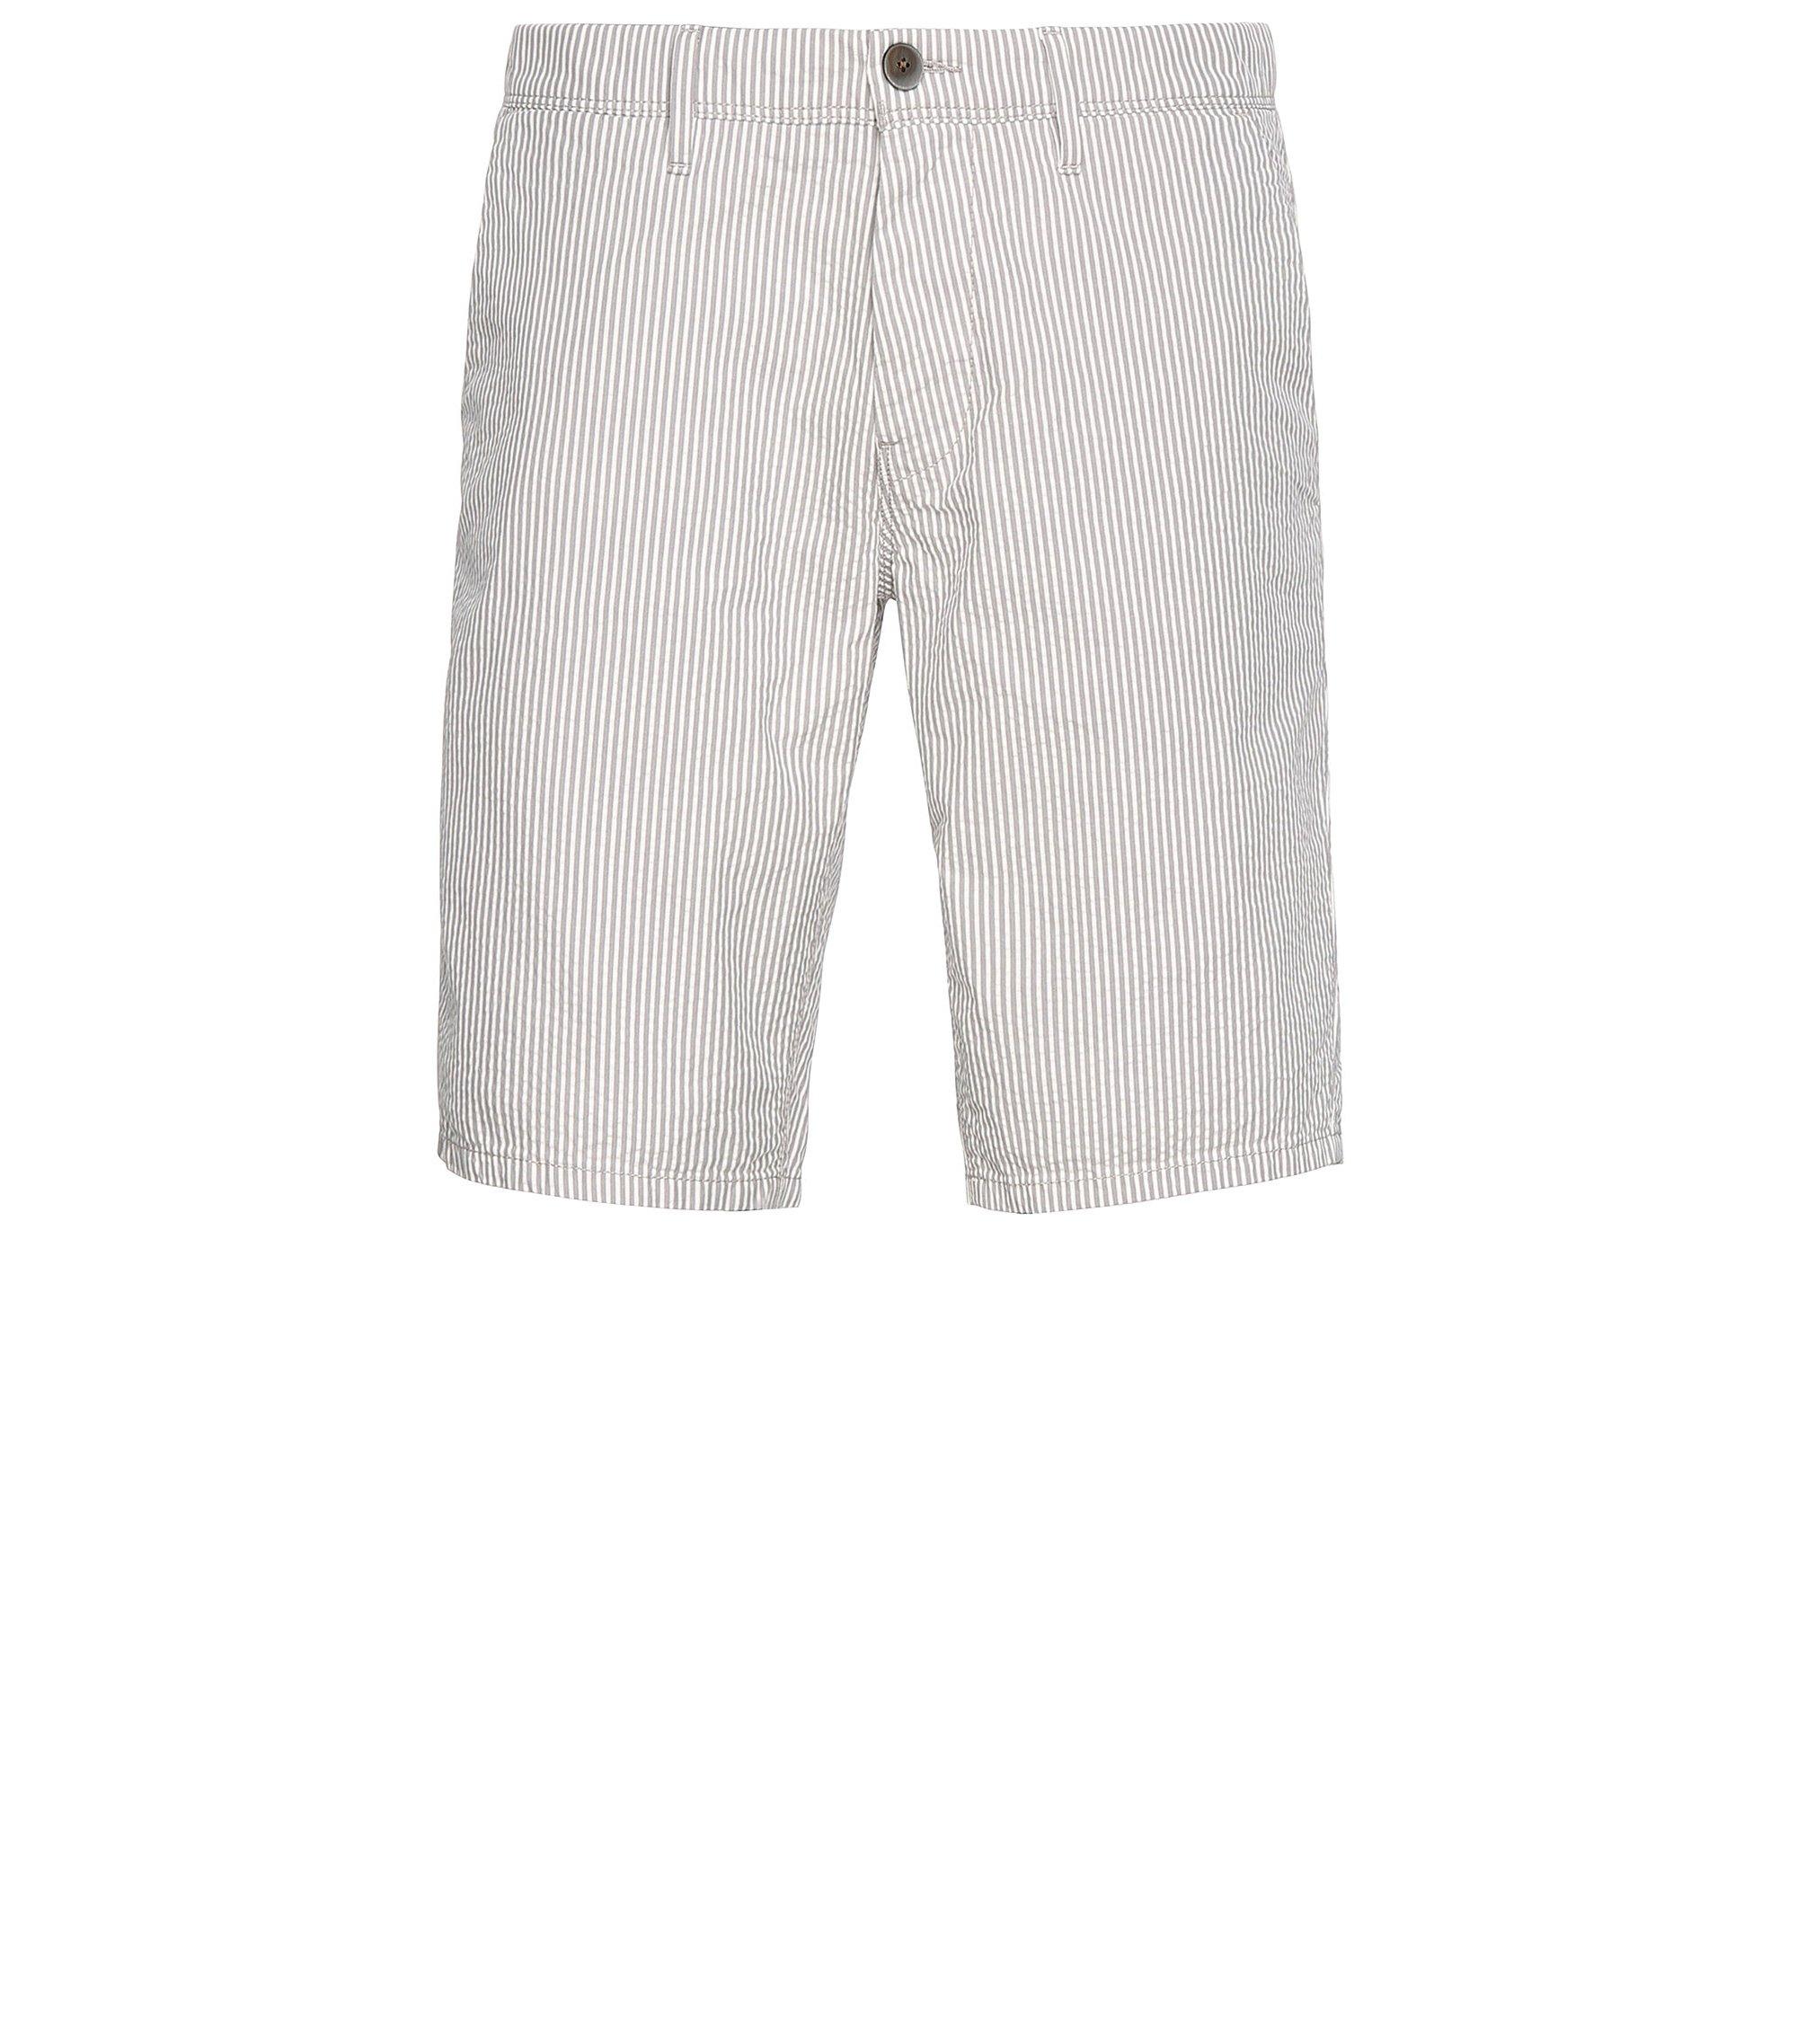 Seersucker Cotton Short, Slim Fit | Slender Shorts W, Open White